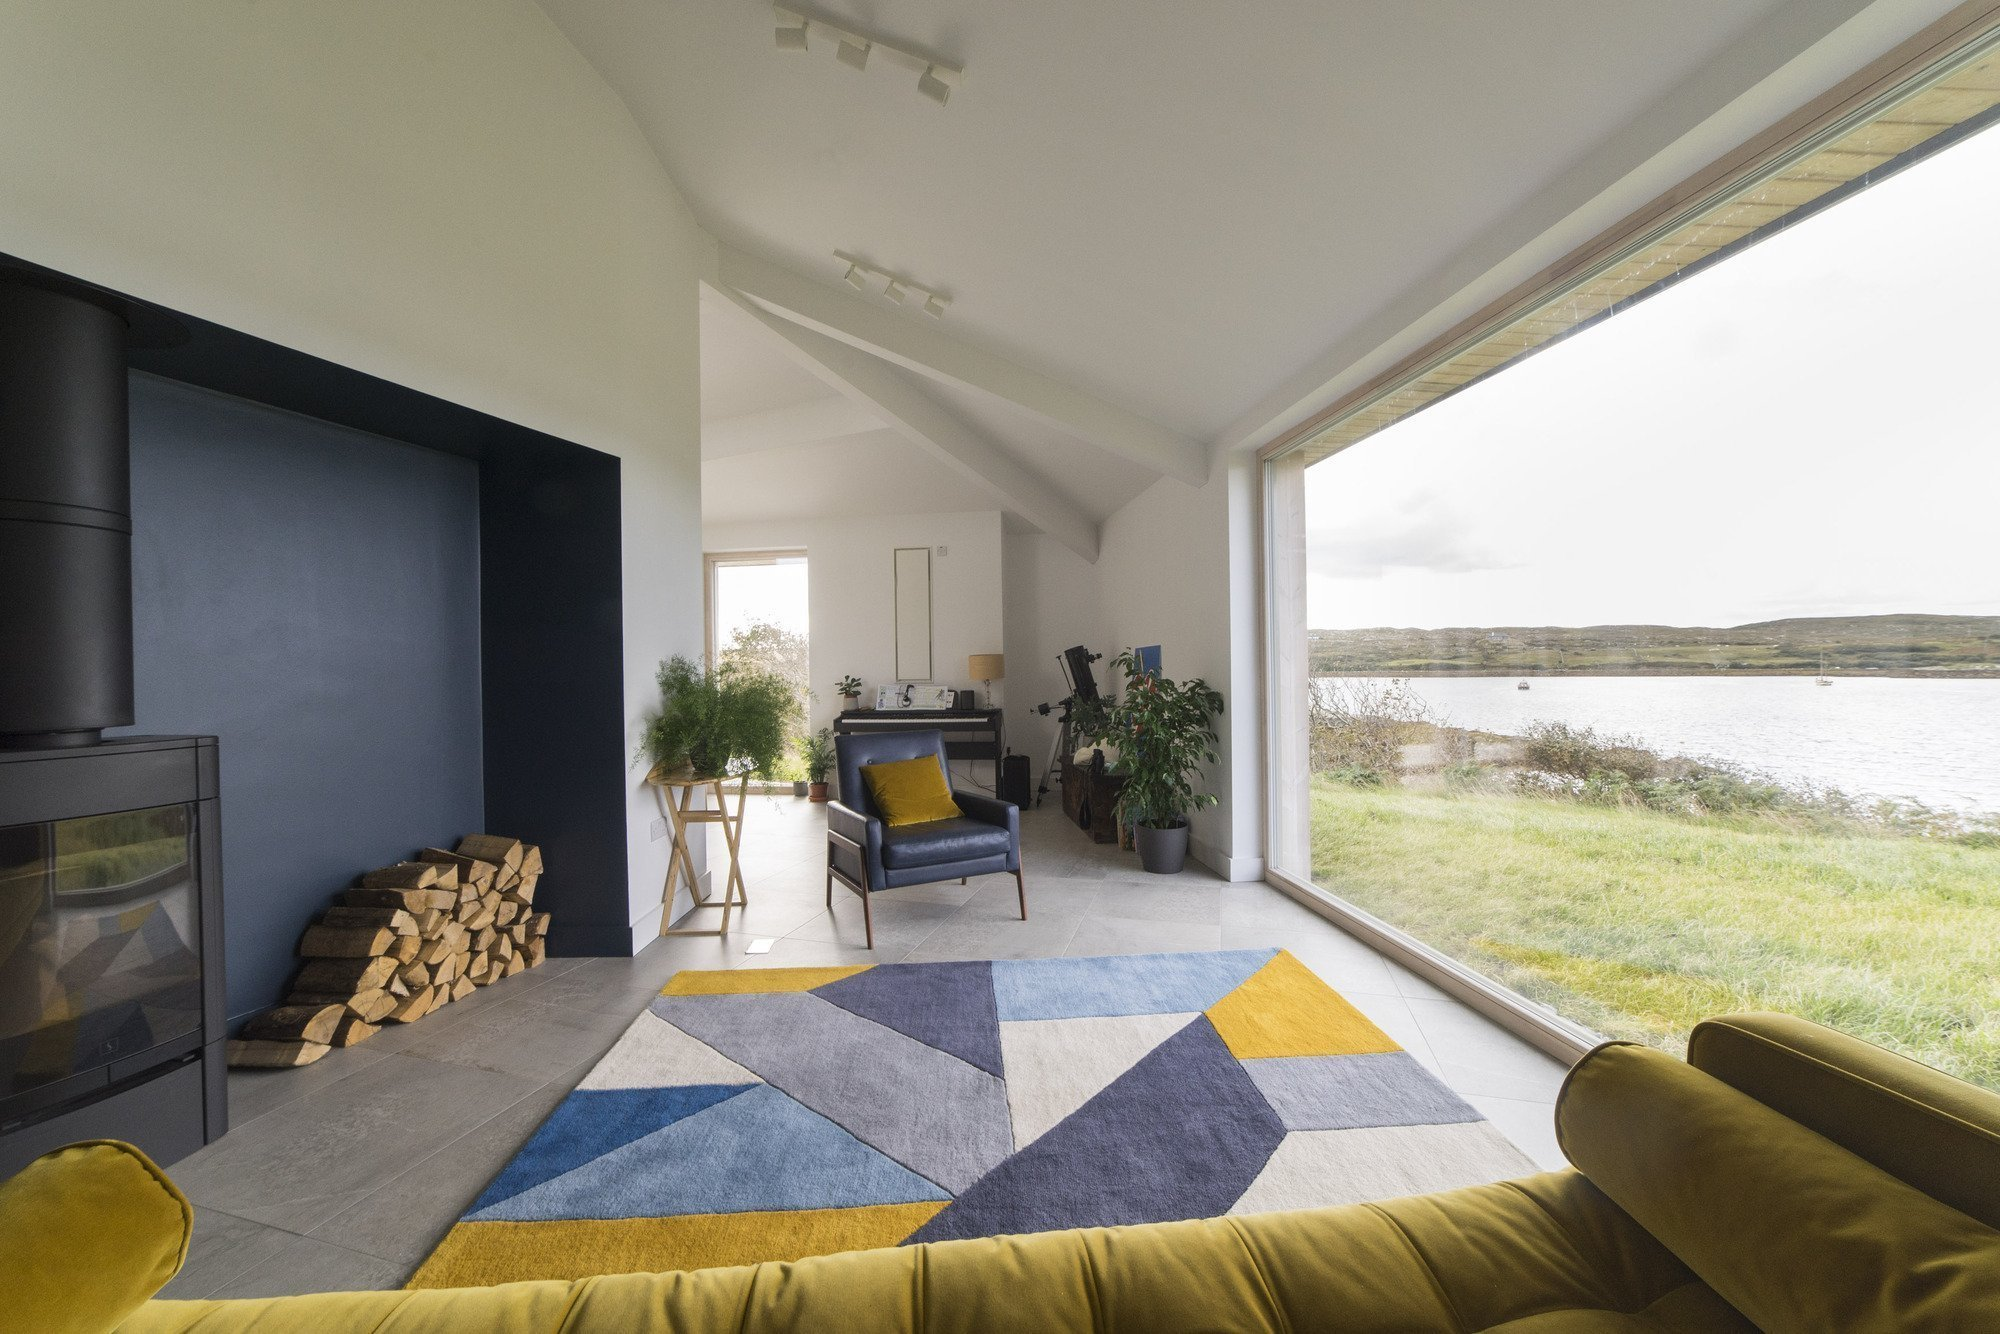 Romanticky situovaná stavba na skalním ostrohu u Atlantského oceánu v drsném irském kraji Connemara je dílem věhlasného dublinského studia Tierney Haines Architects.